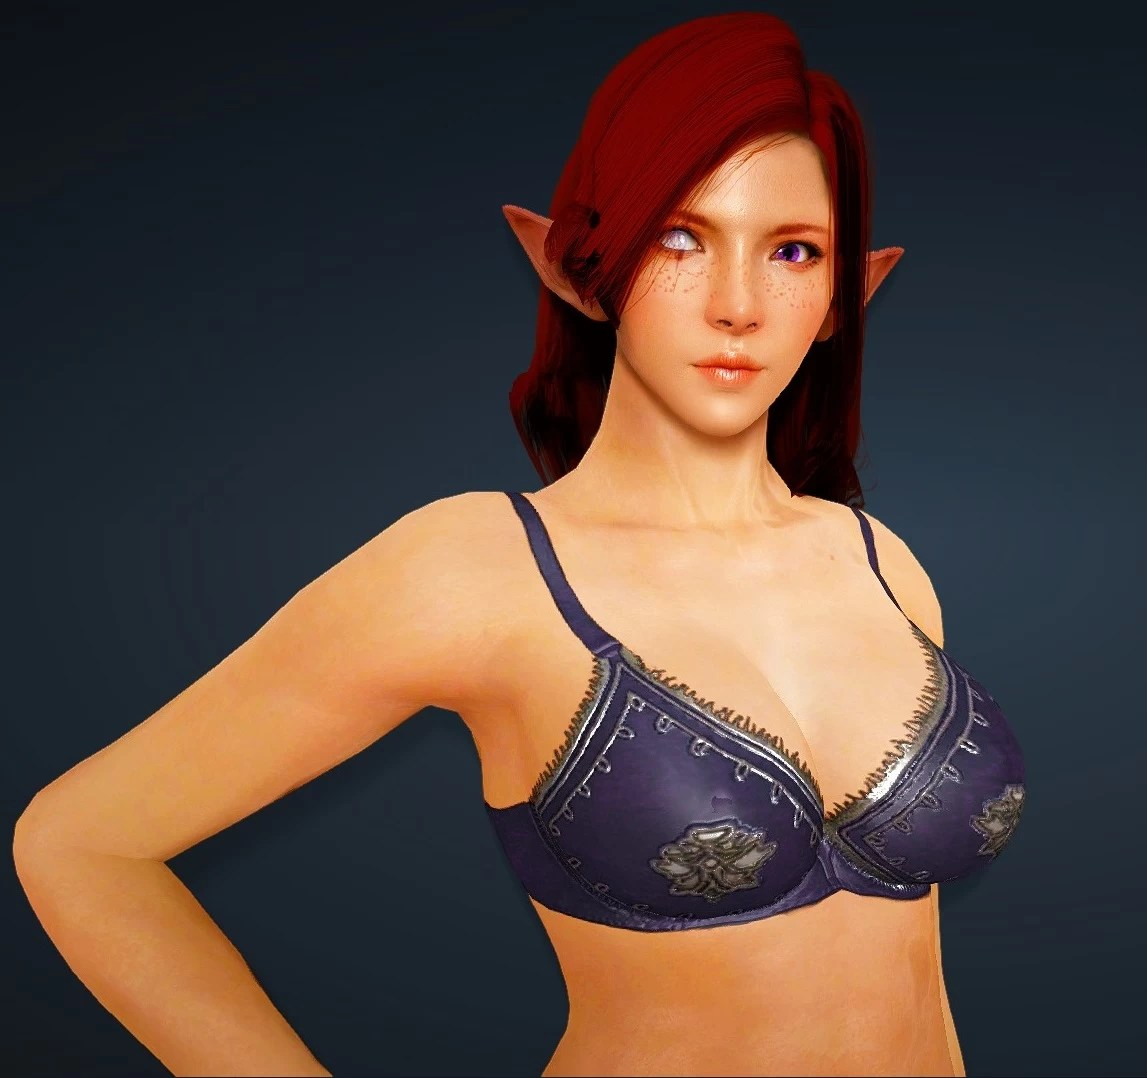 Ava-Chest-Up-Underwear